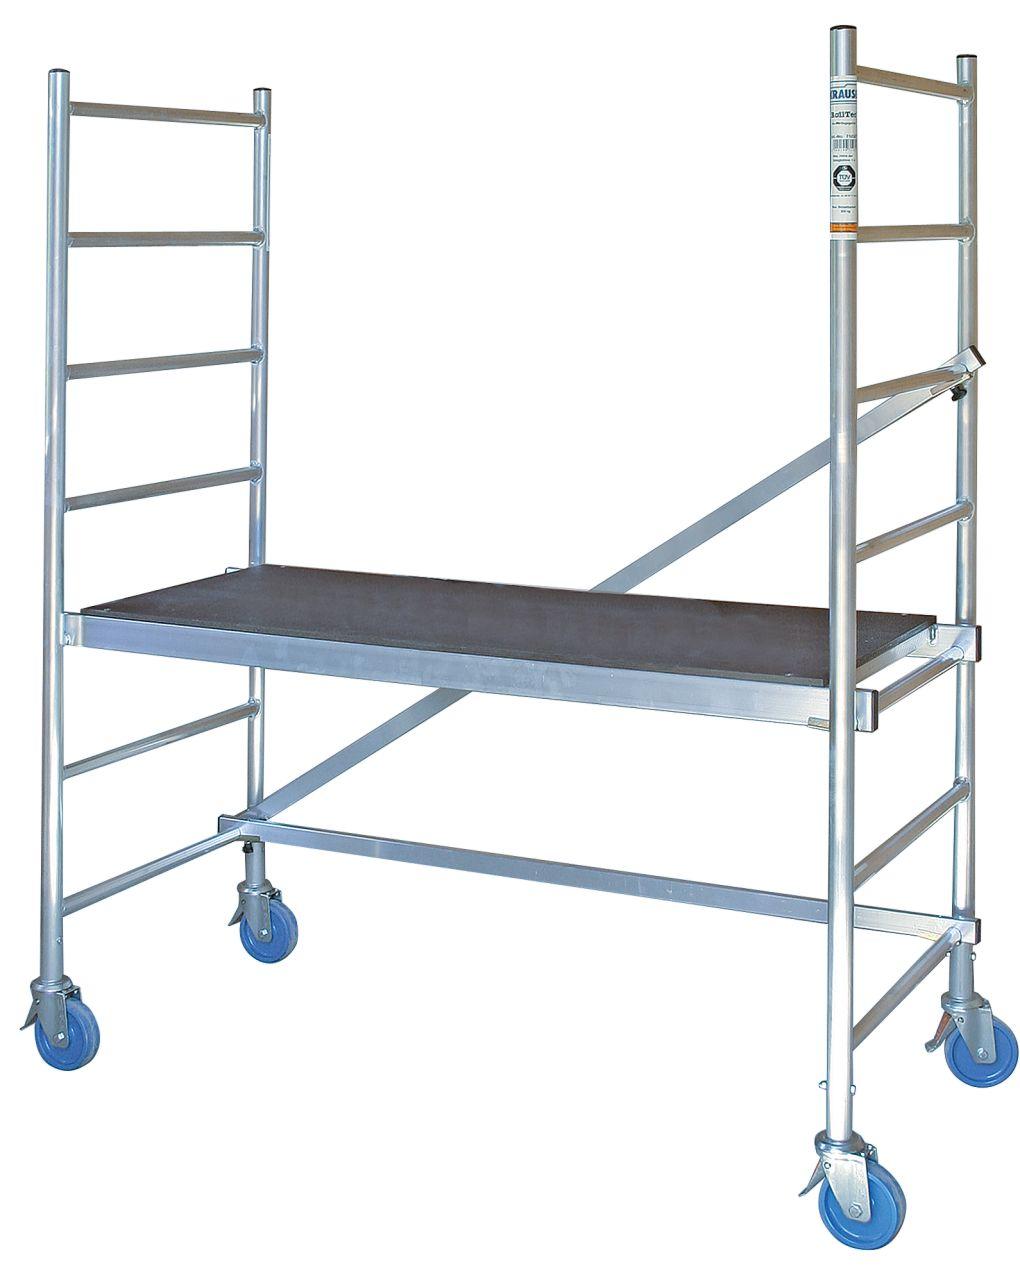 Aluminiowe rusztowanie montażowe - przejezdne rusztowanie montażowe niewymagające narzędzi podczas składania, do prac prowadzonych wewnątrz pomieszczeń